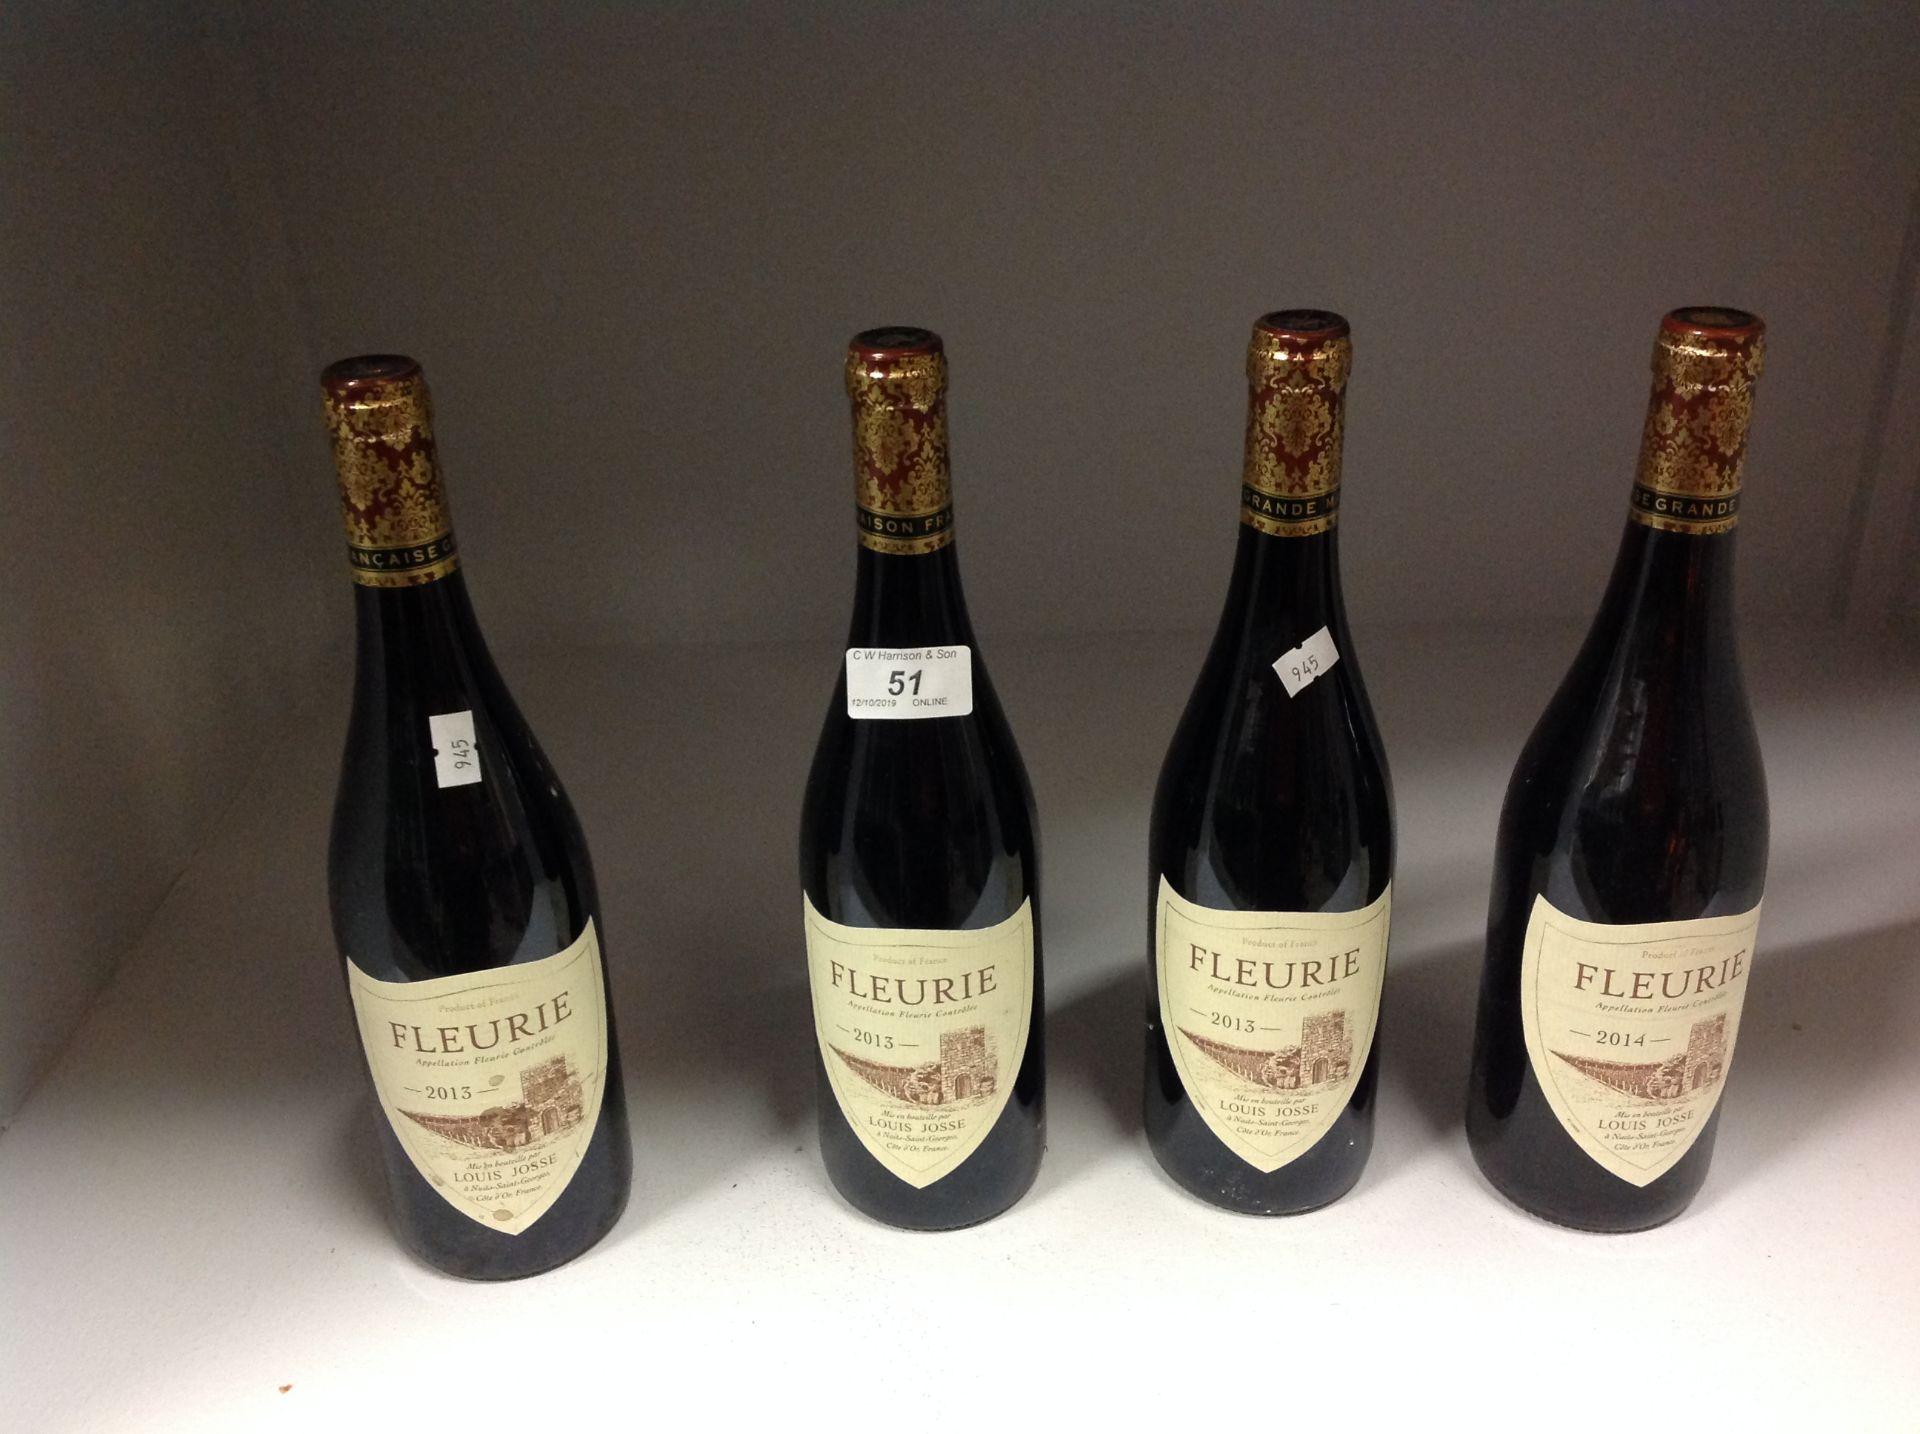 Lot 51 - 4 x 750ml bottles Louis Josse Fleurie